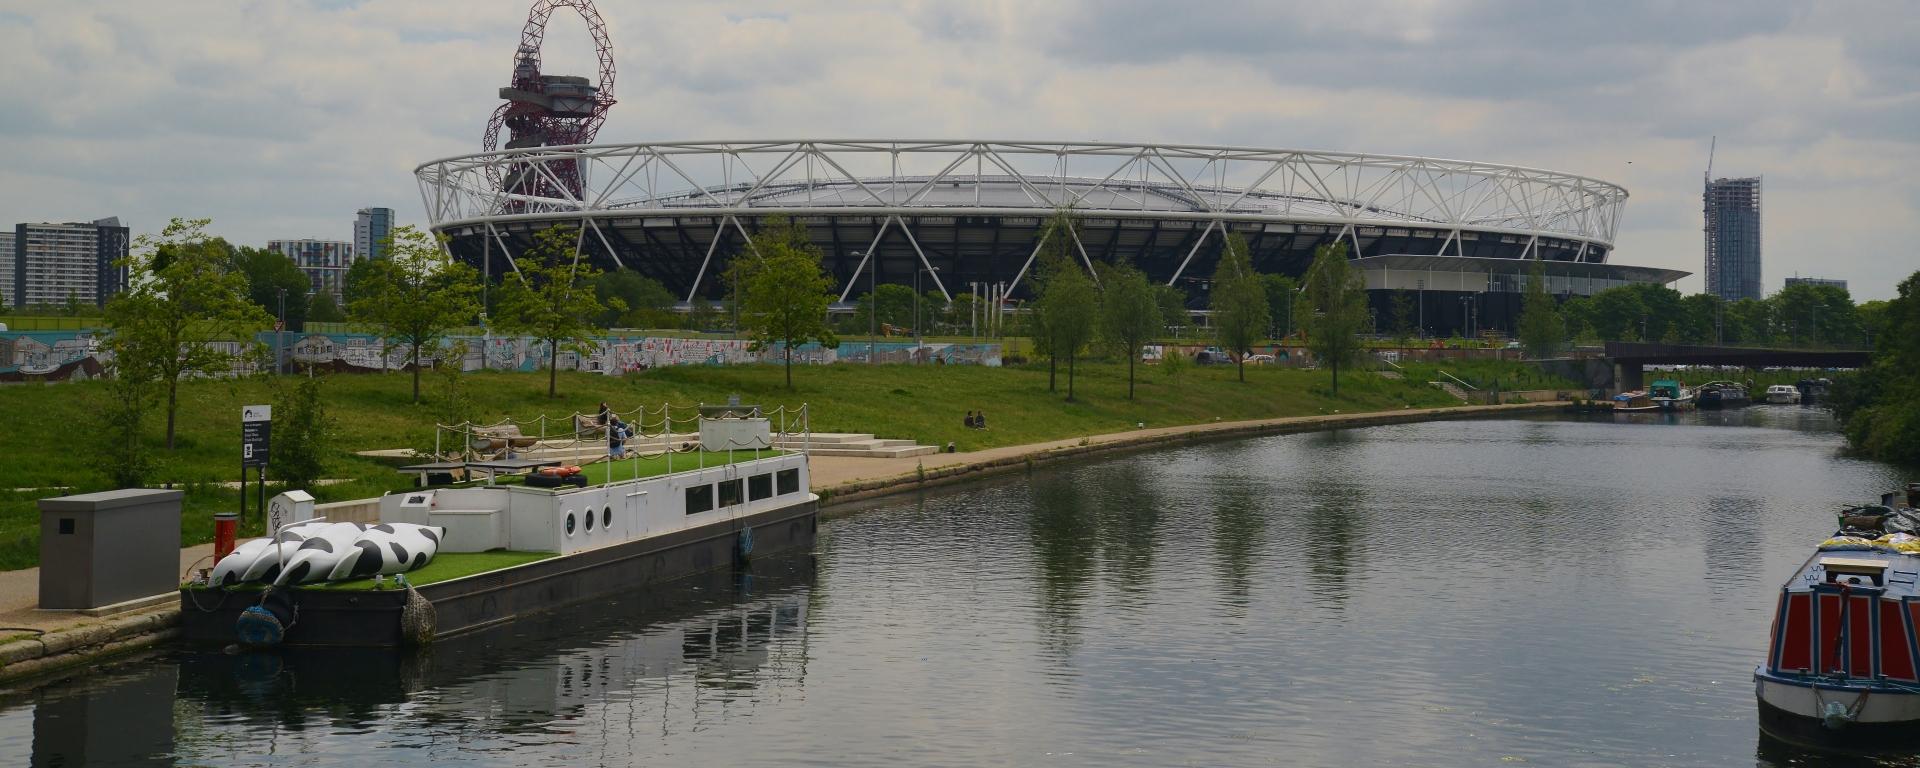 Il Londo Stadium, nuova casa del West Ham